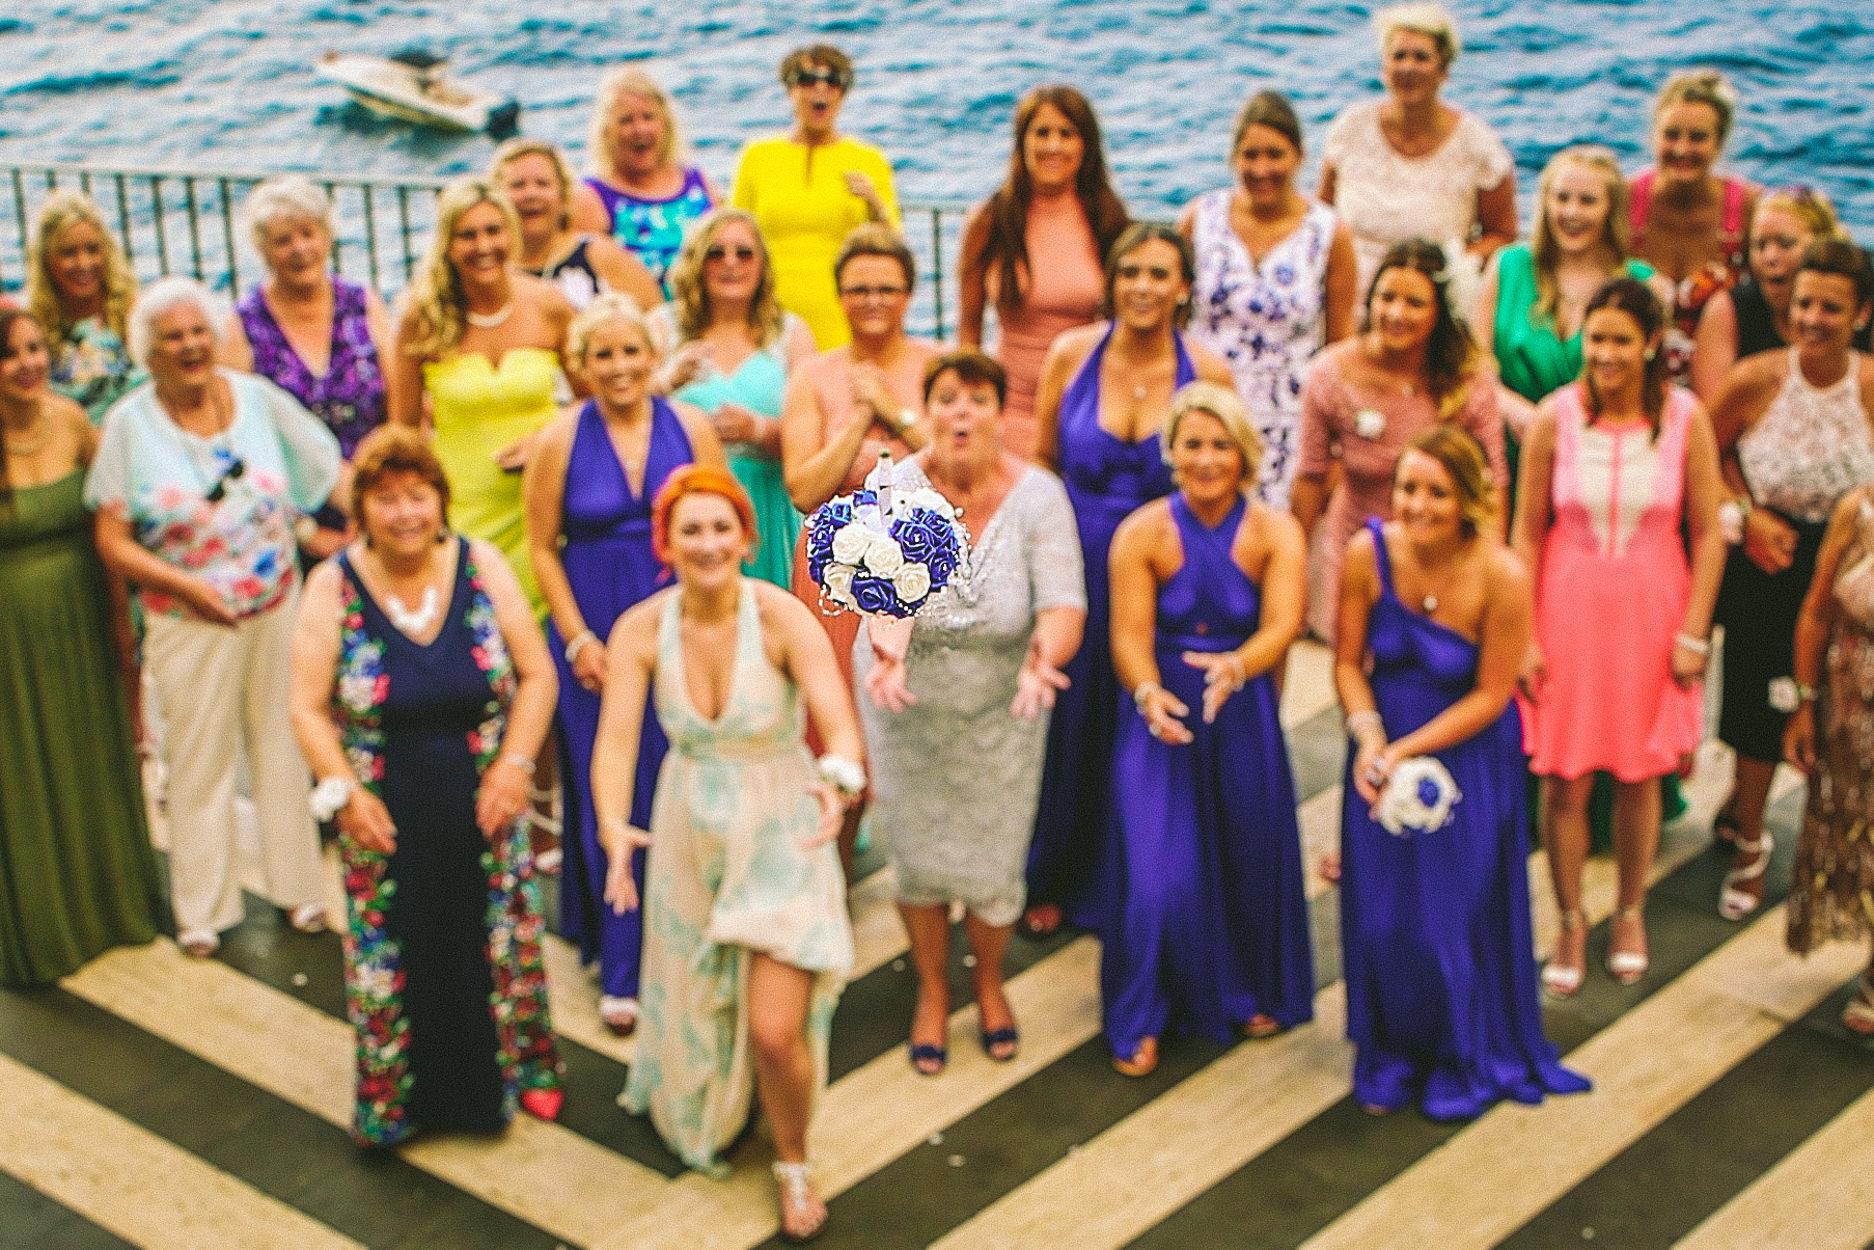 English-Wedding-Photographer-Photography-Sorrento-Italy-Documentary-wedding-photography-51